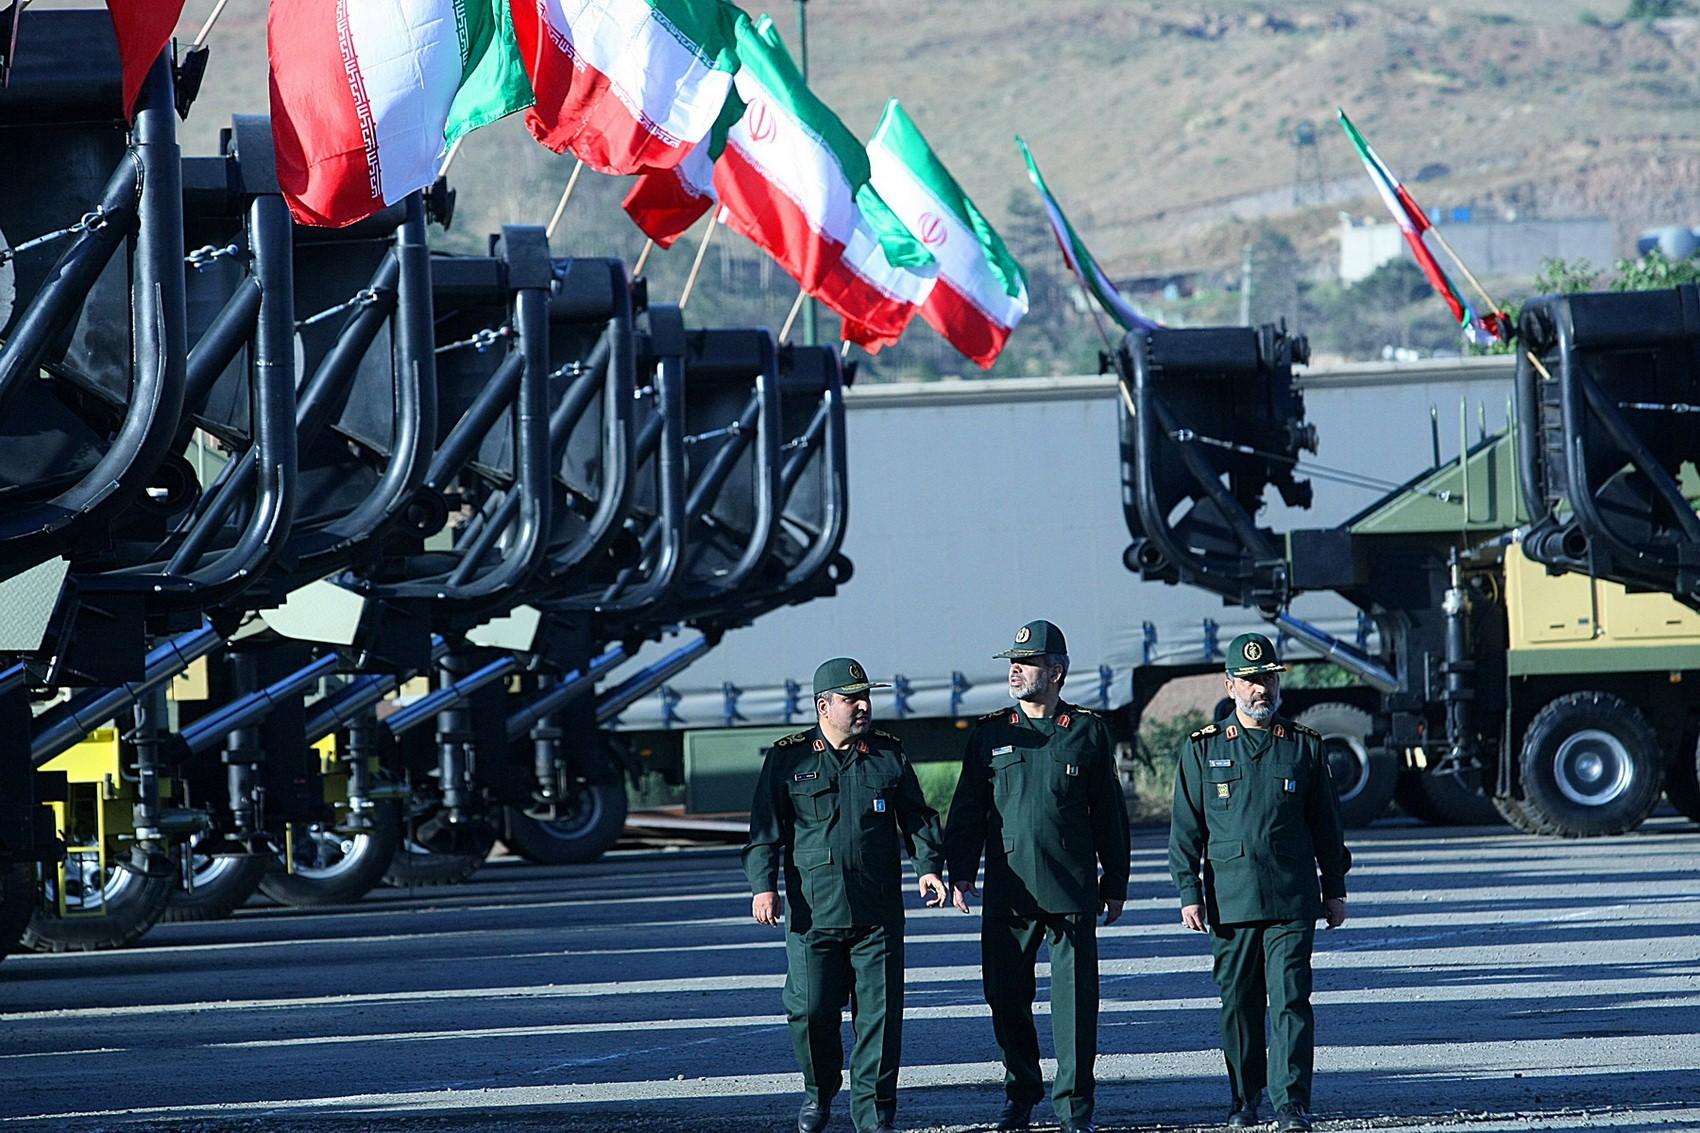 إيران تنفي علاقتها بالهجمات على السعودية وترى أنّ التقرير الأممي مصدره أمريكيًّا